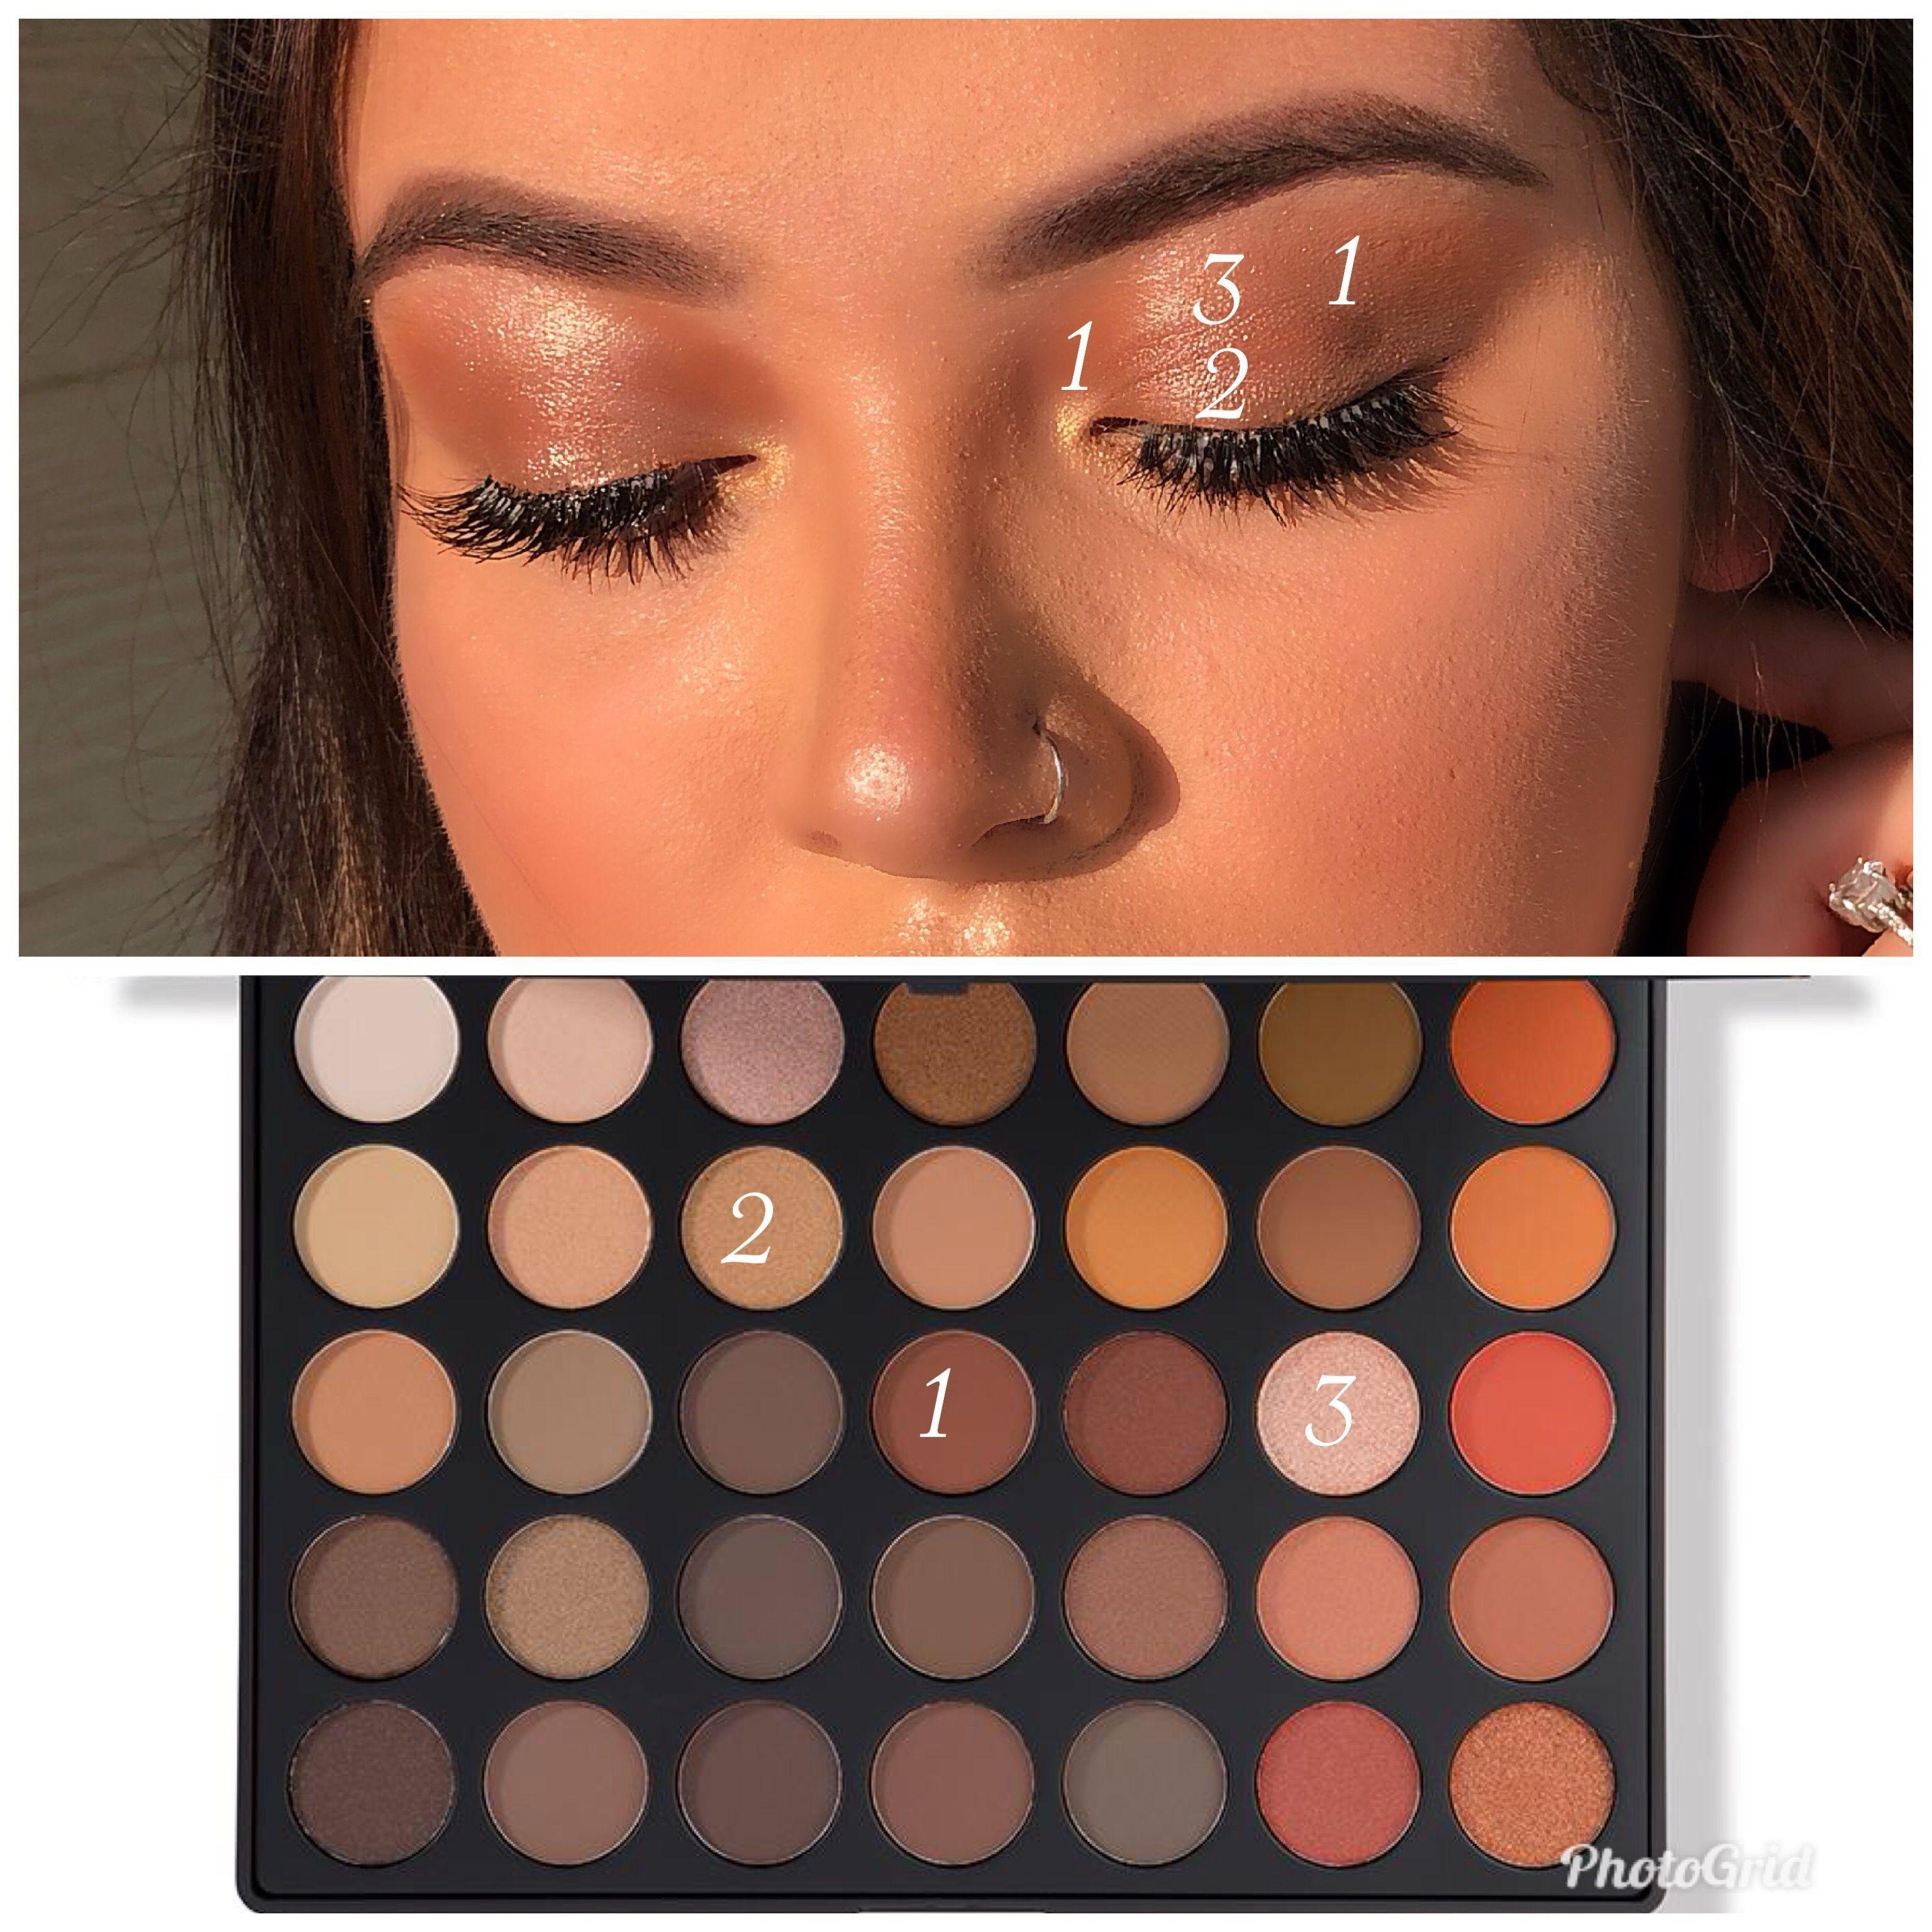 Verbazingwekkend Wet look. #weteyeshadow #glossy #eyeshadow #tutorial #diy #makeup DK-42